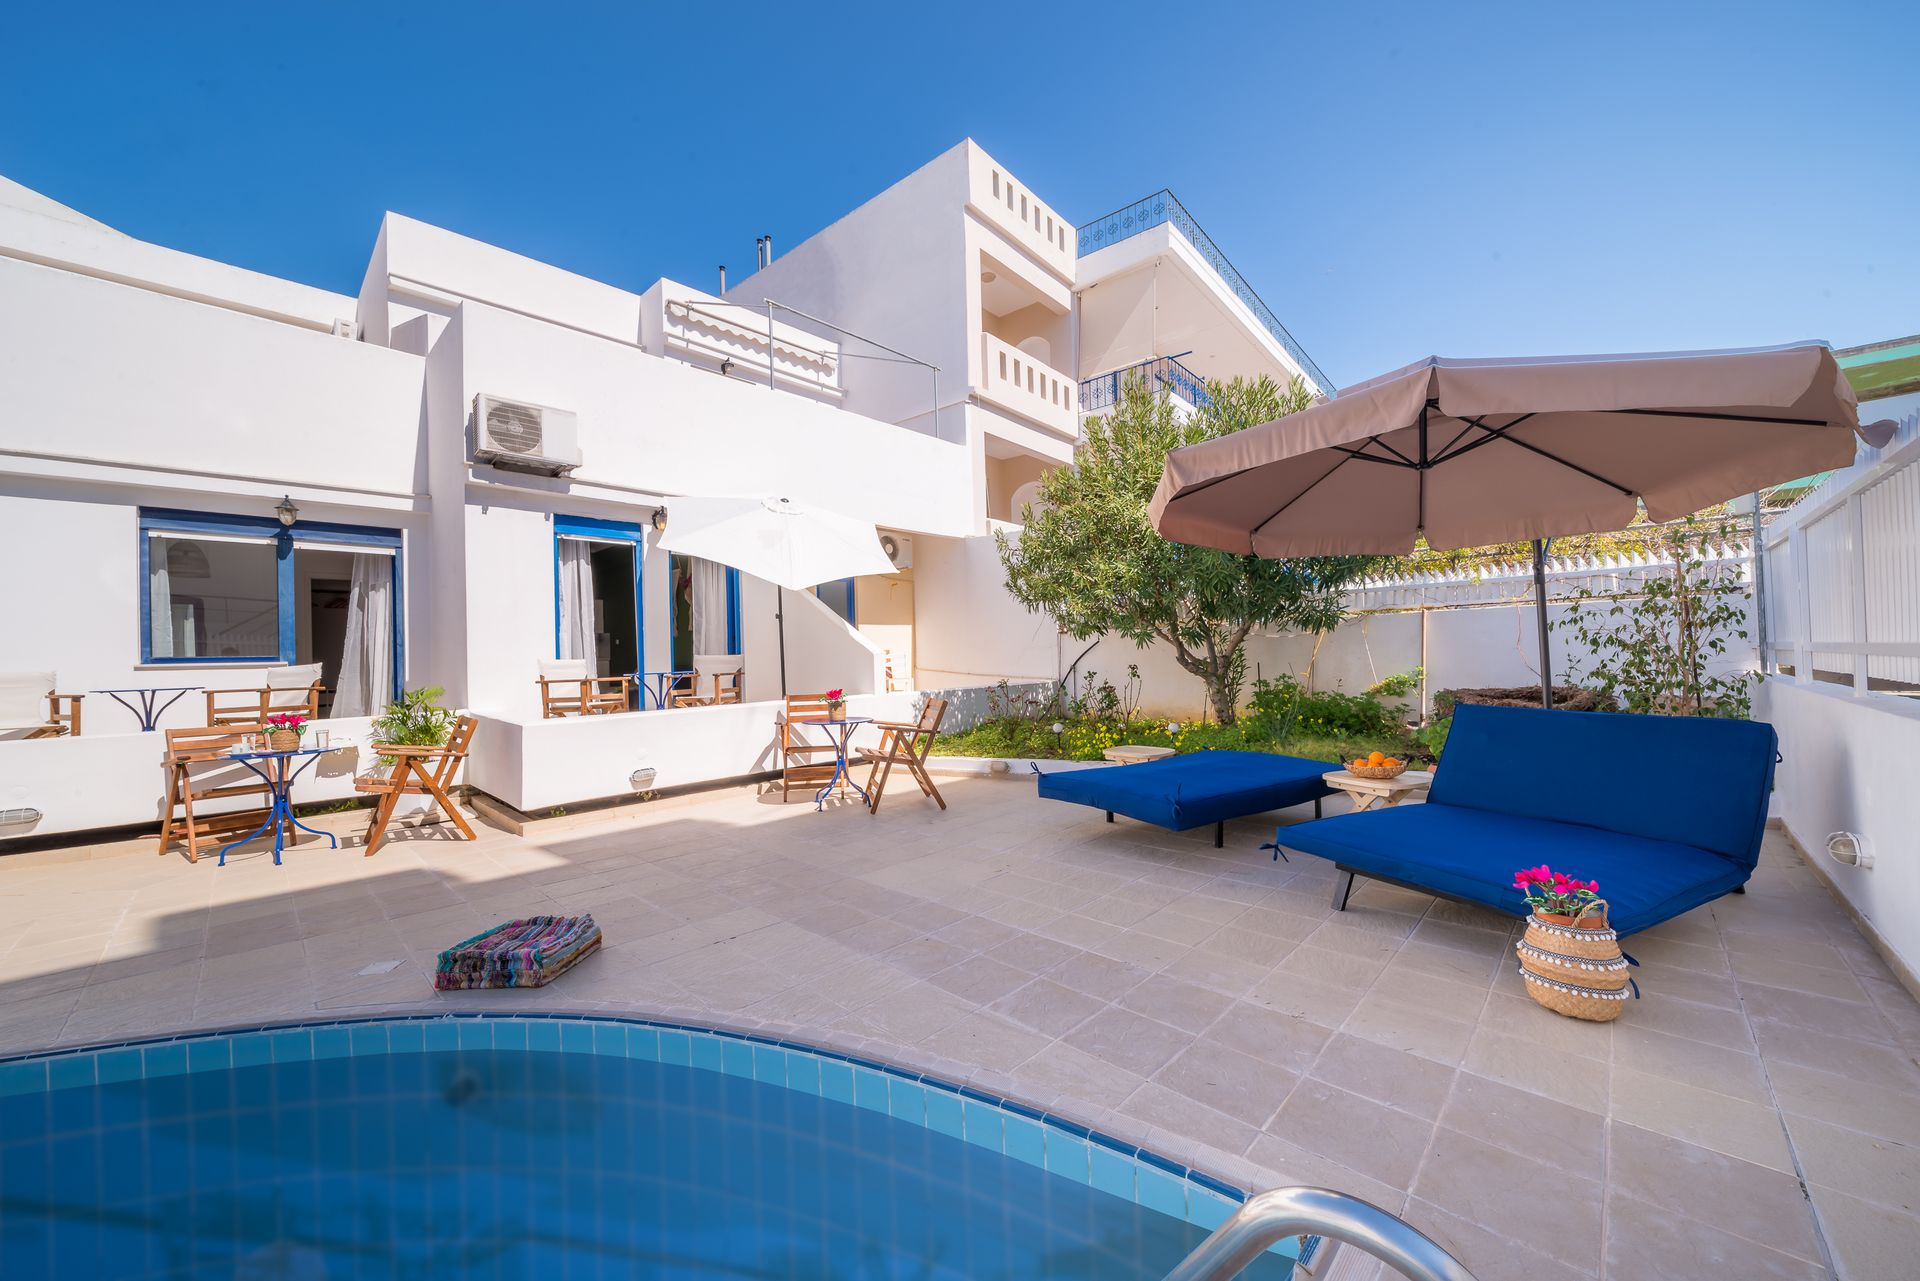 G & K Hotel Fiore di Candia - Ναύπλιο ✦ 2 Ημέρες